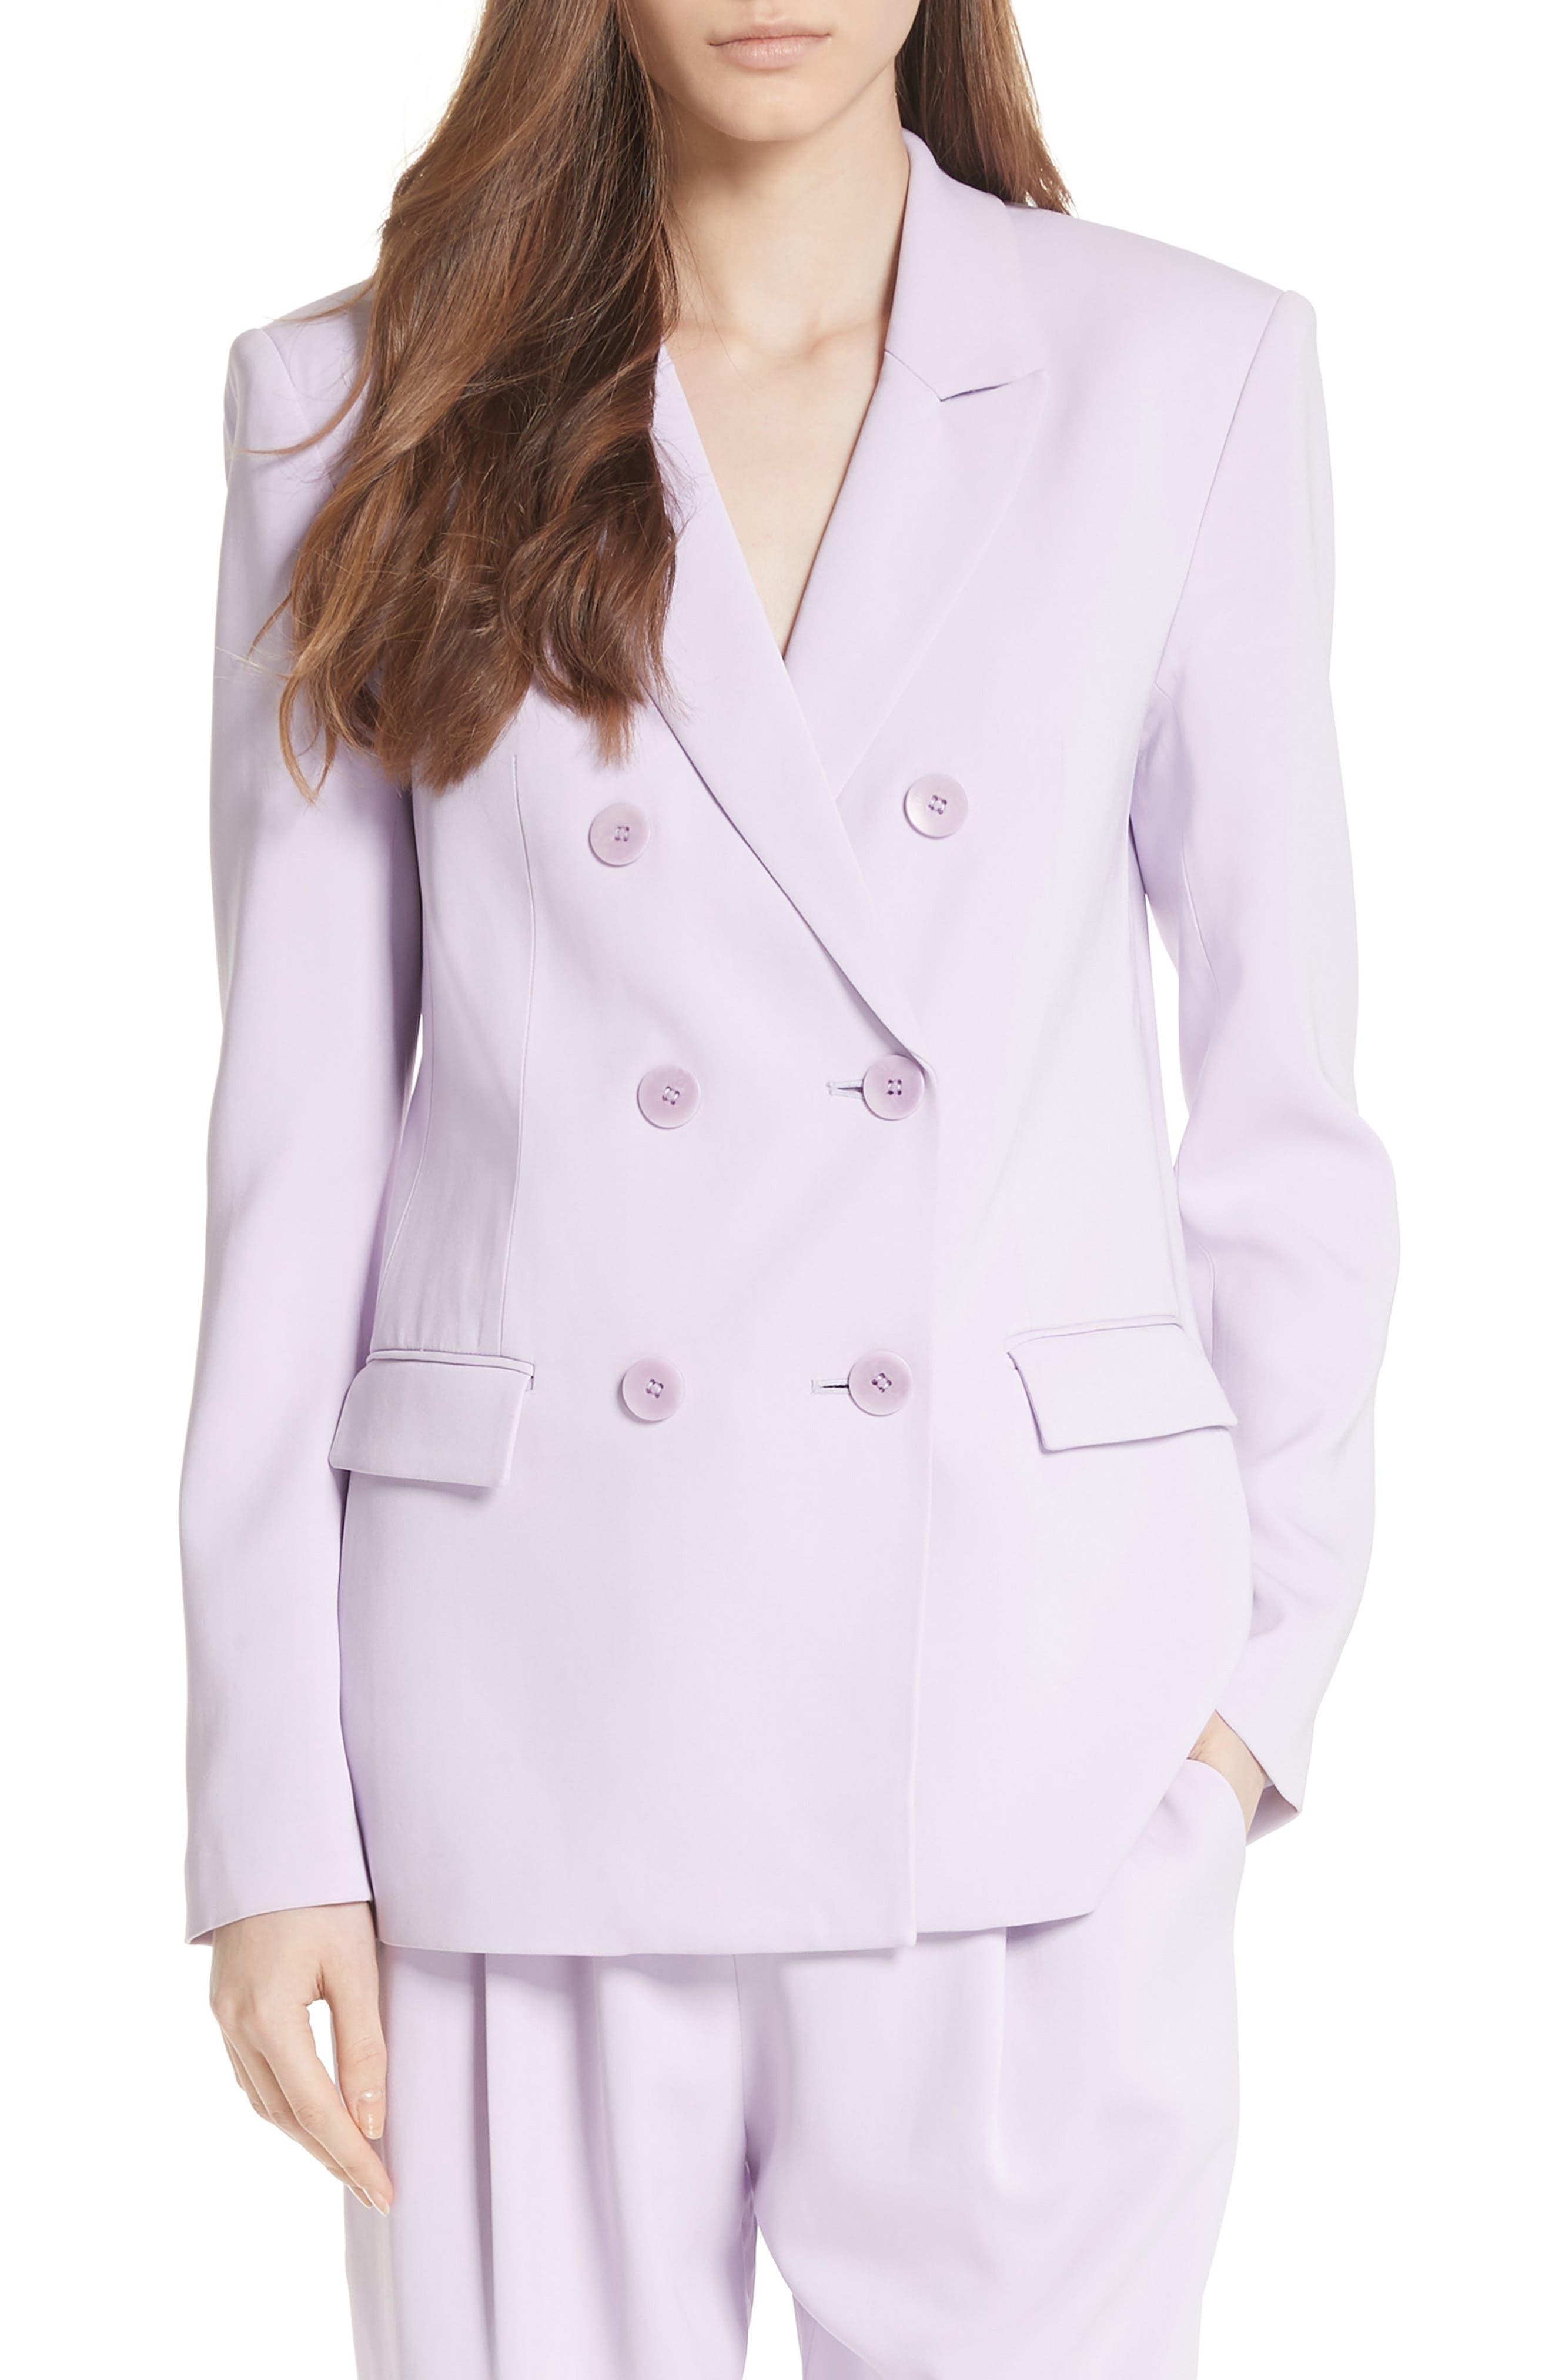 Steward Suit Jacket,                         Main,                         color, 531